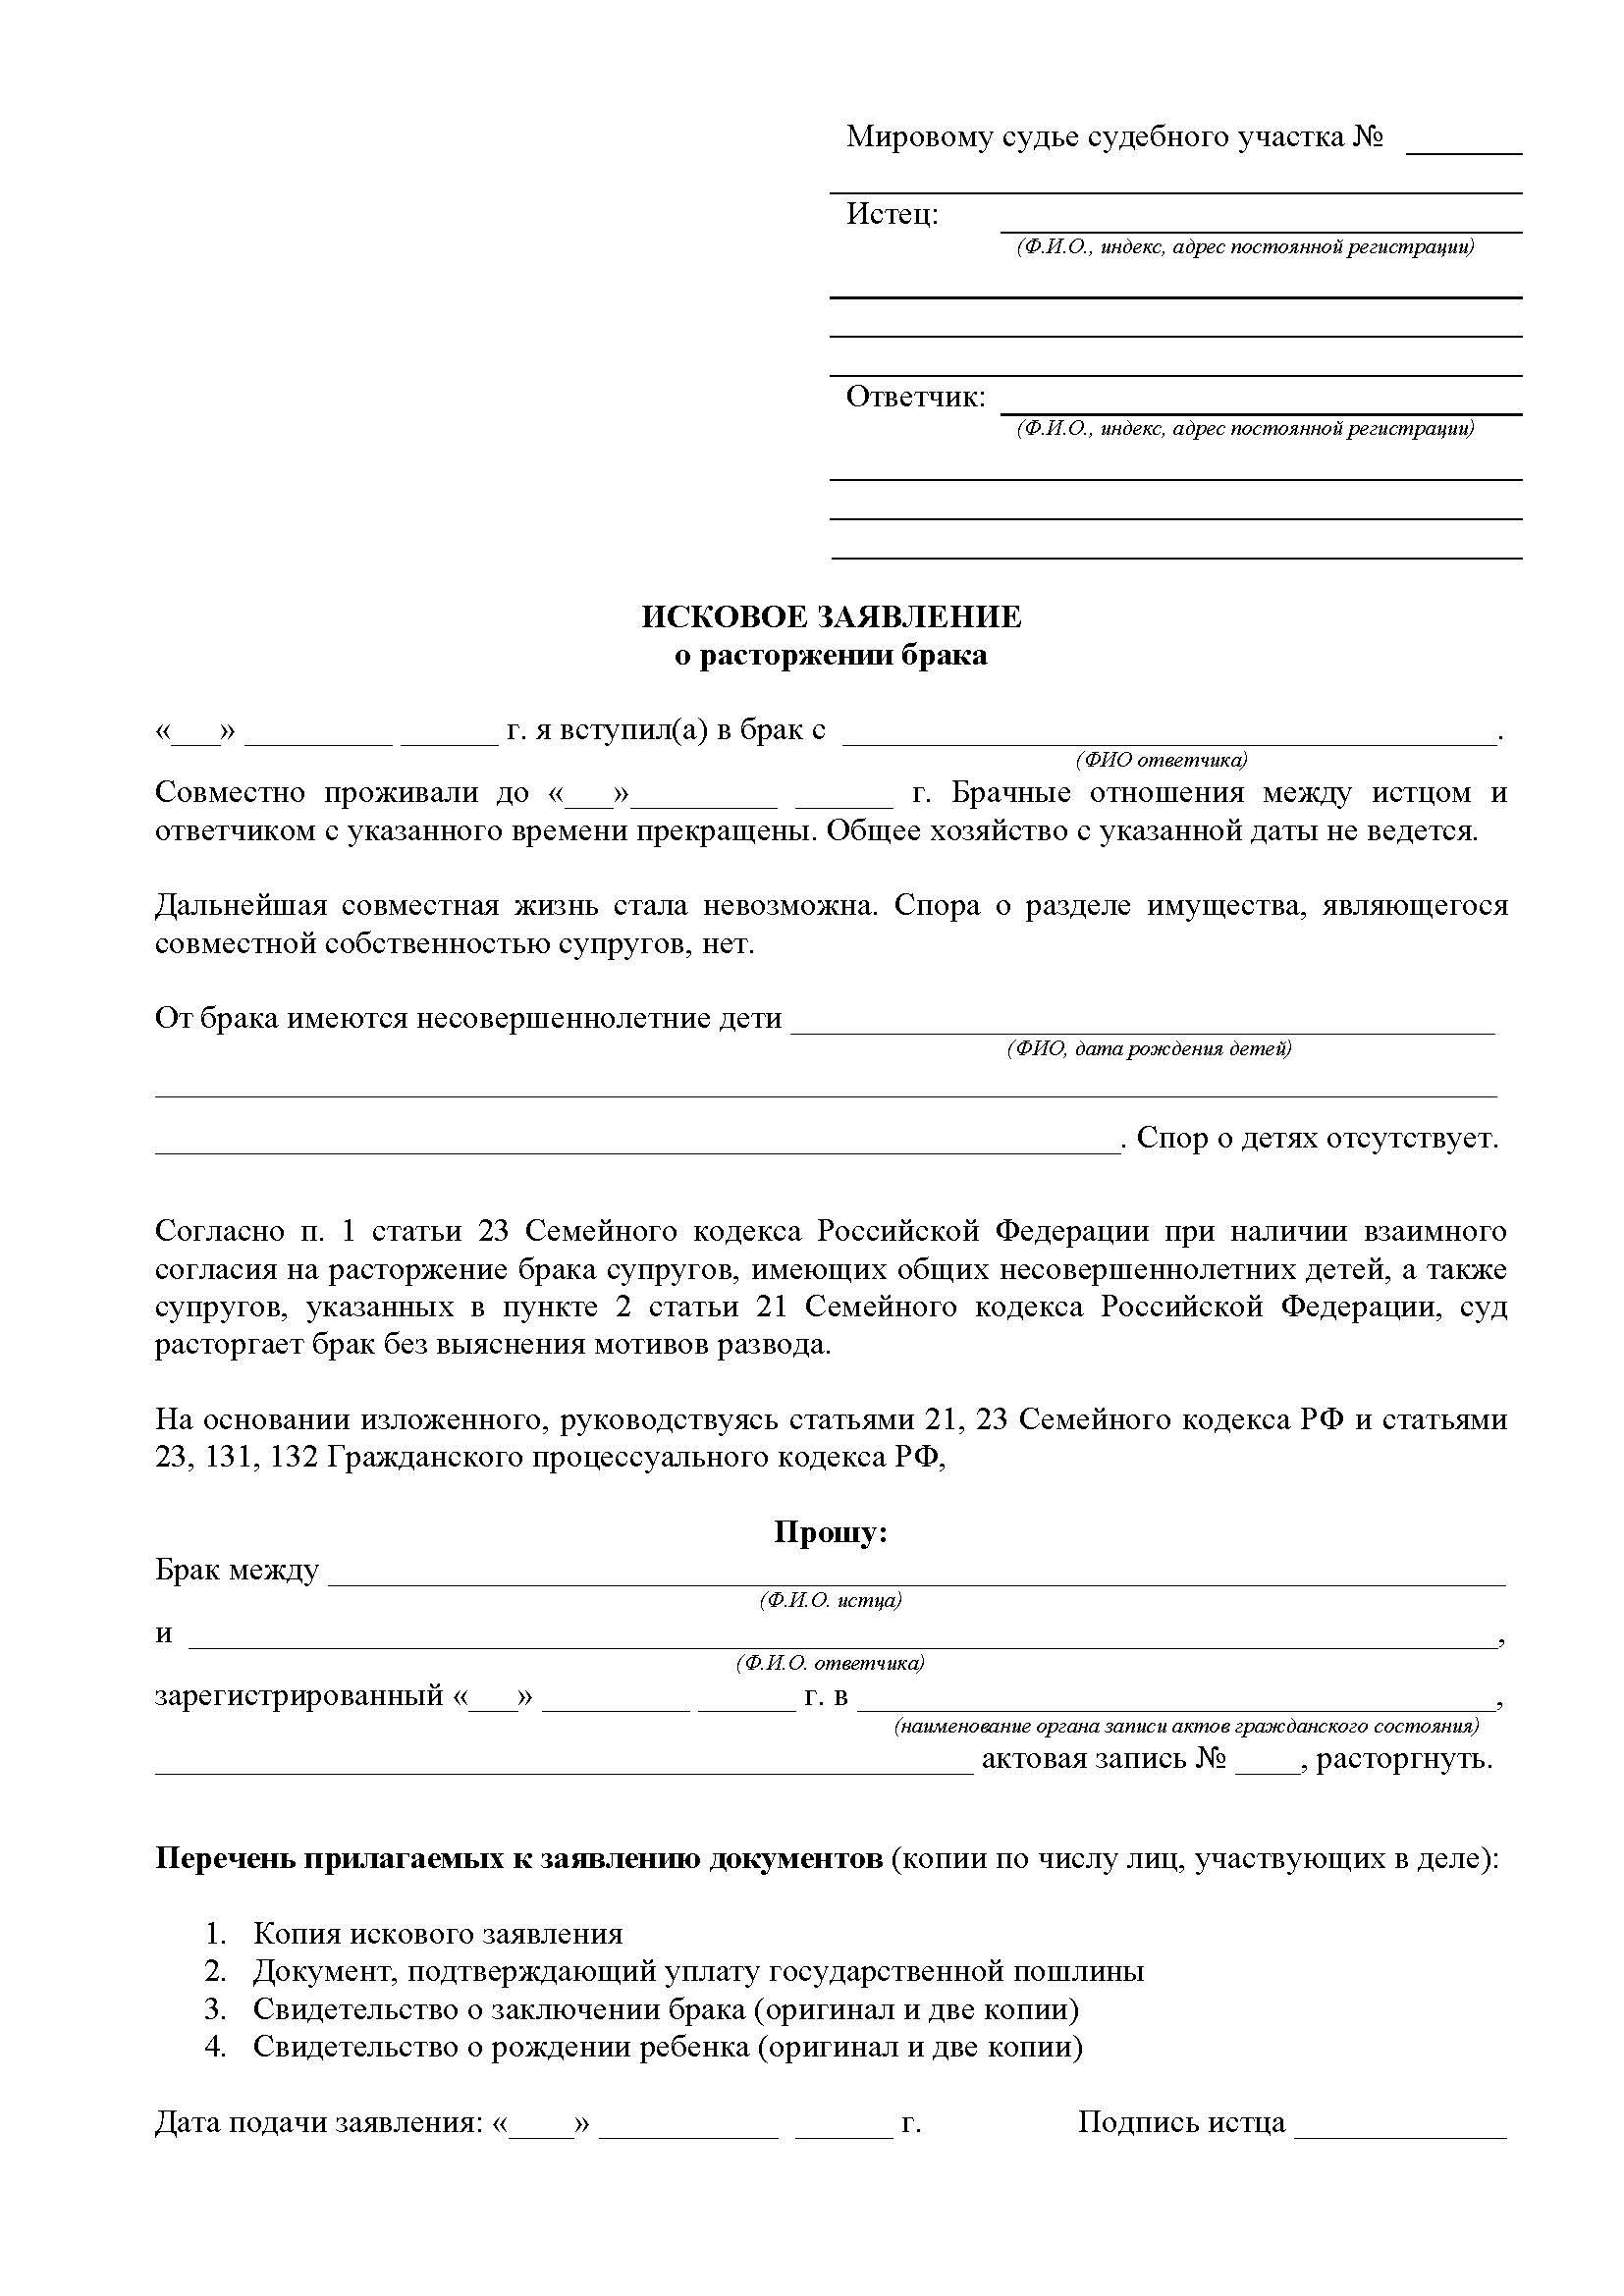 Можно ли пройти техосмотр в беларуси российскому автомобилю